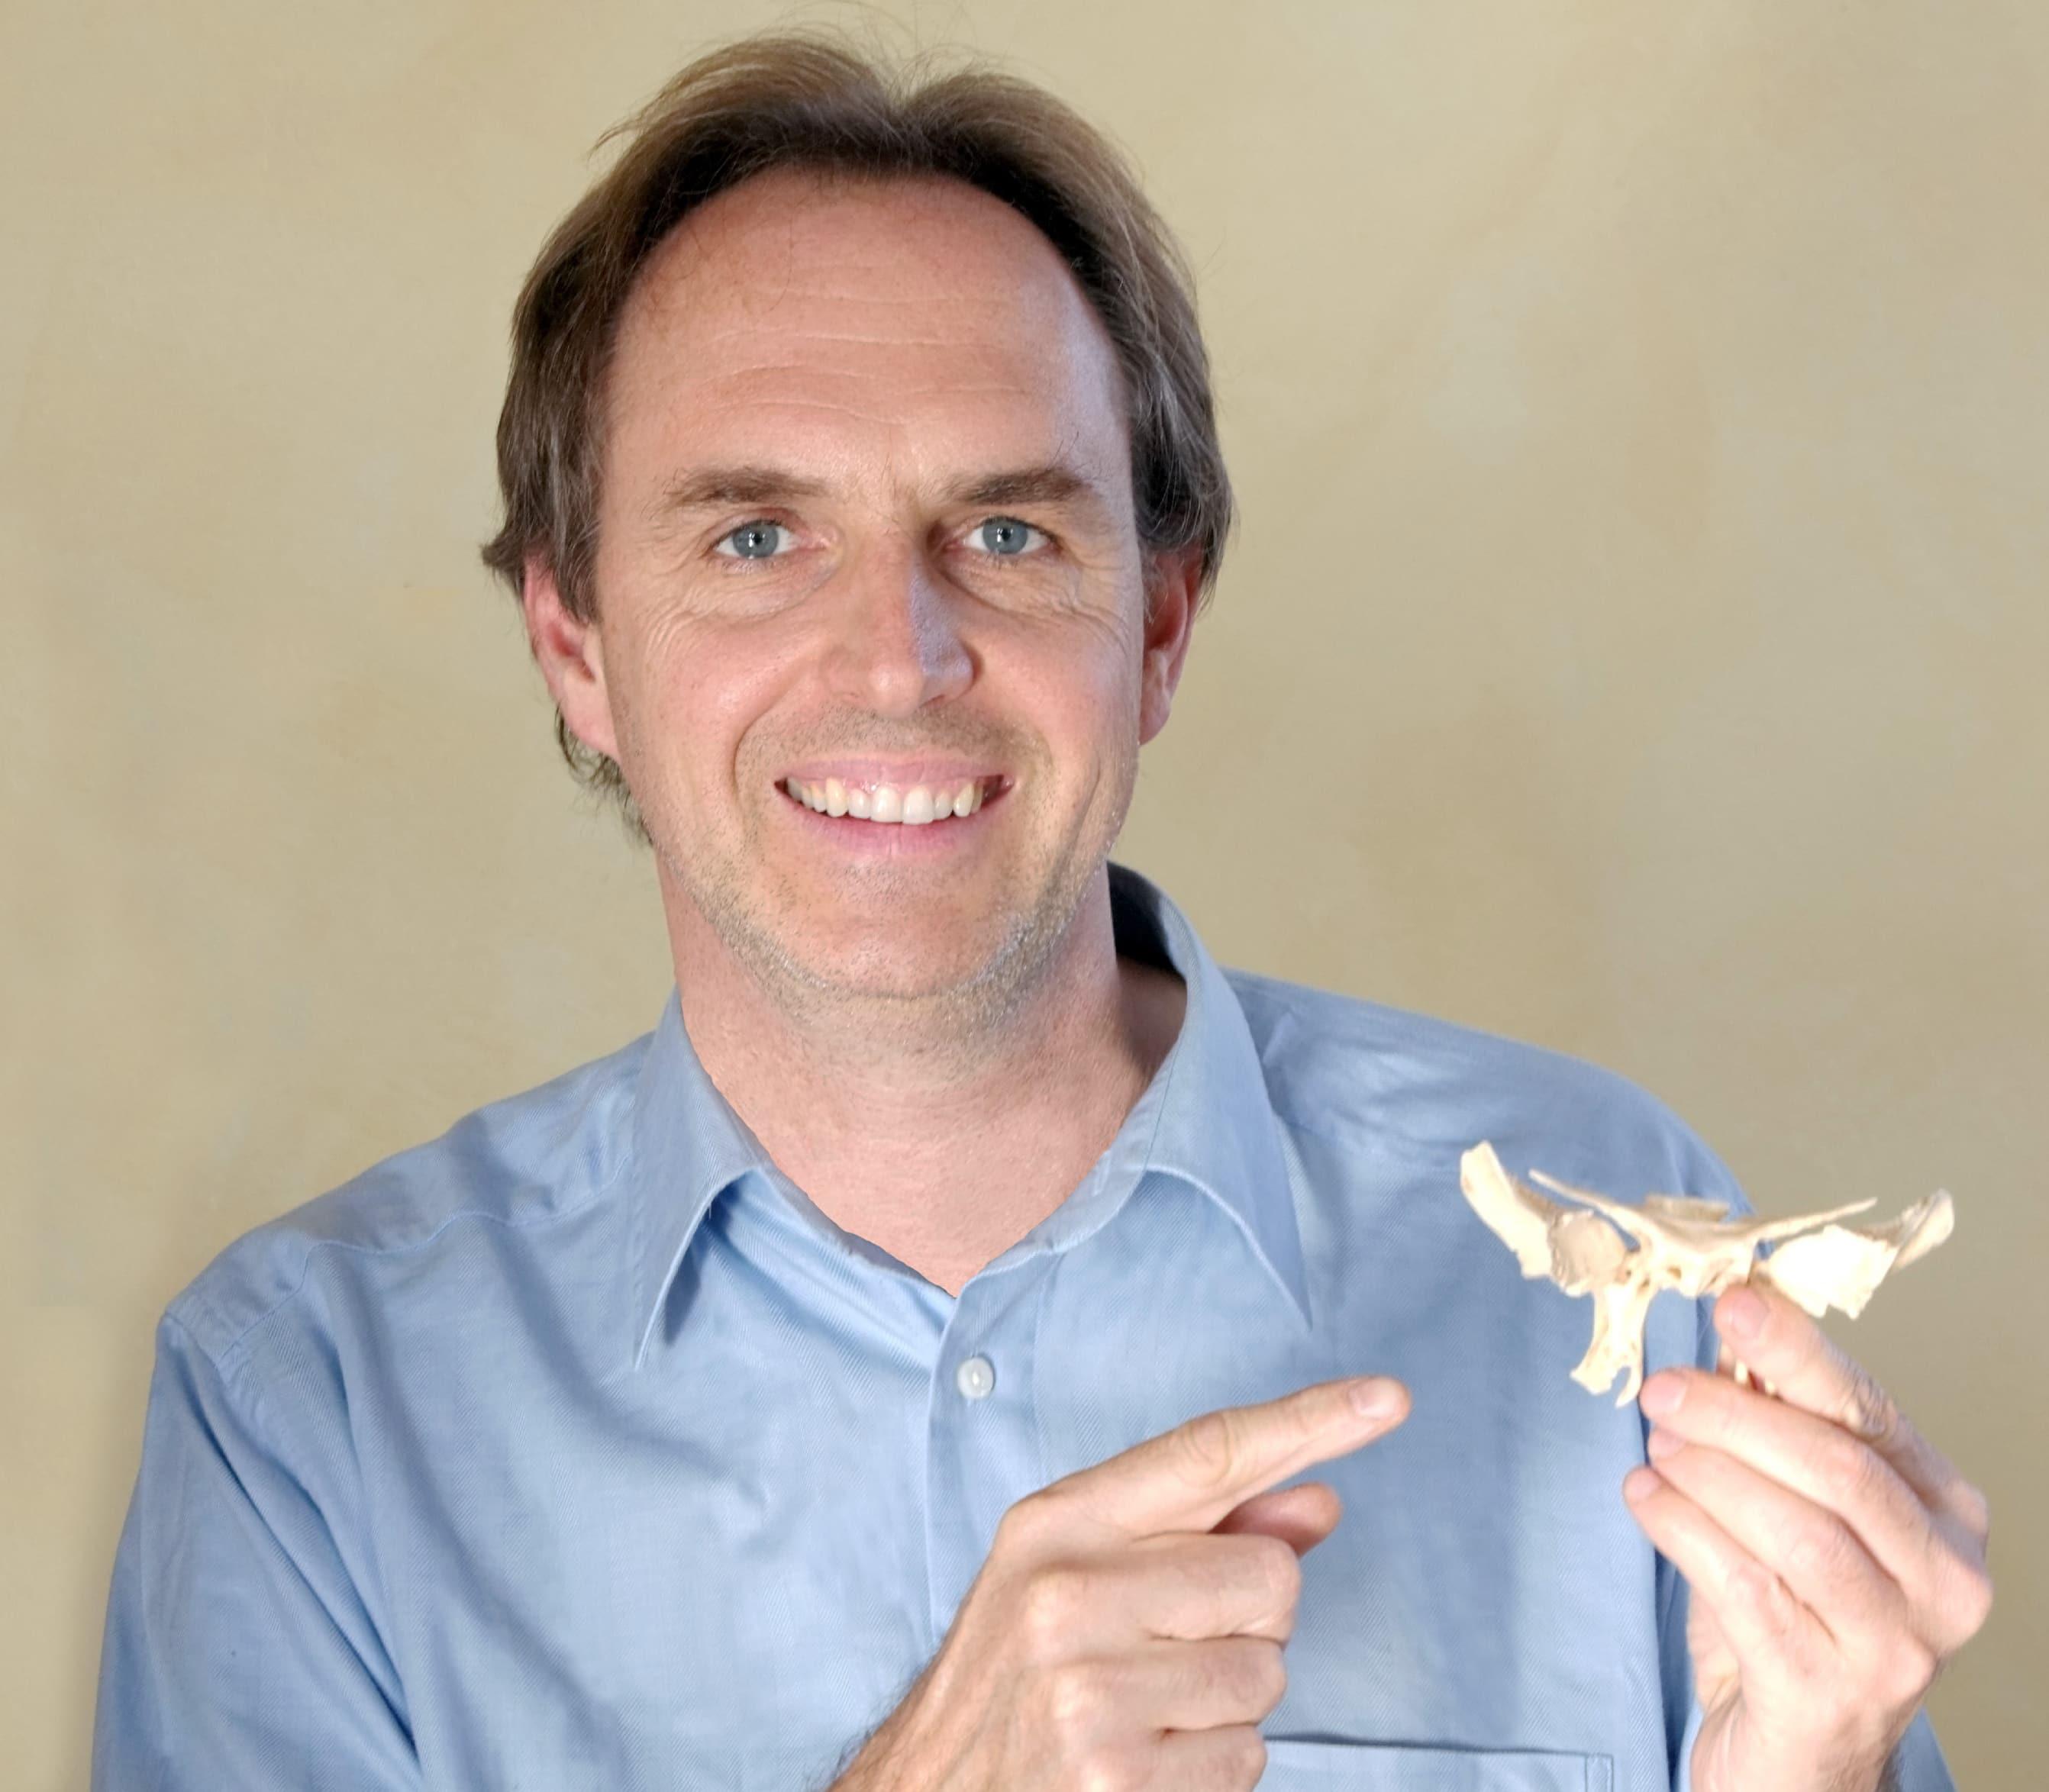 Lehrer und Leiter der Craniosacral Healing Schule, Cranio sacrale Ausbildung